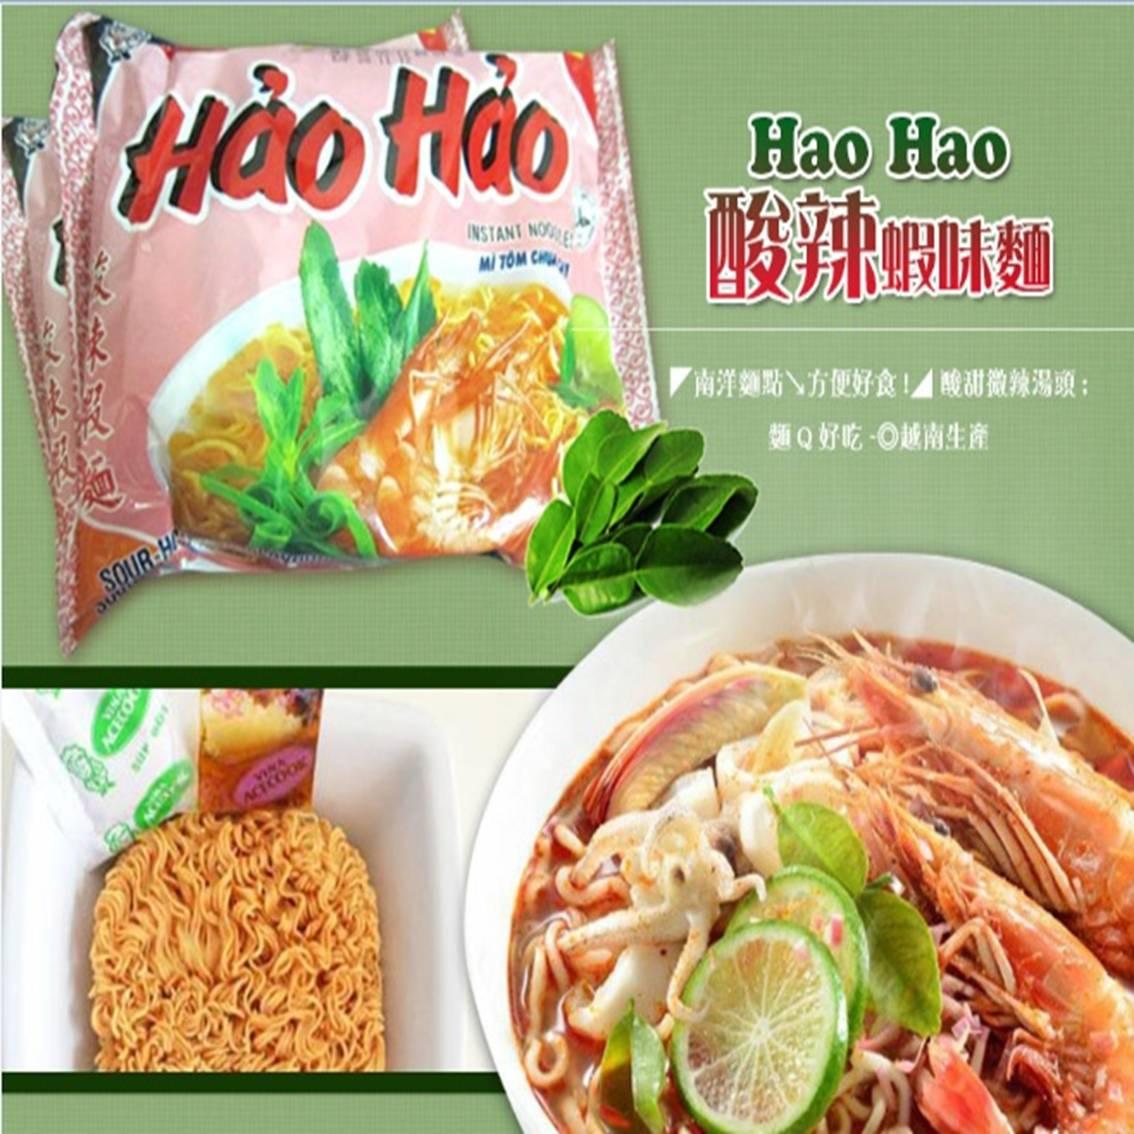 越南Hao Hao 泡麵 方便麵【樂活生活館】